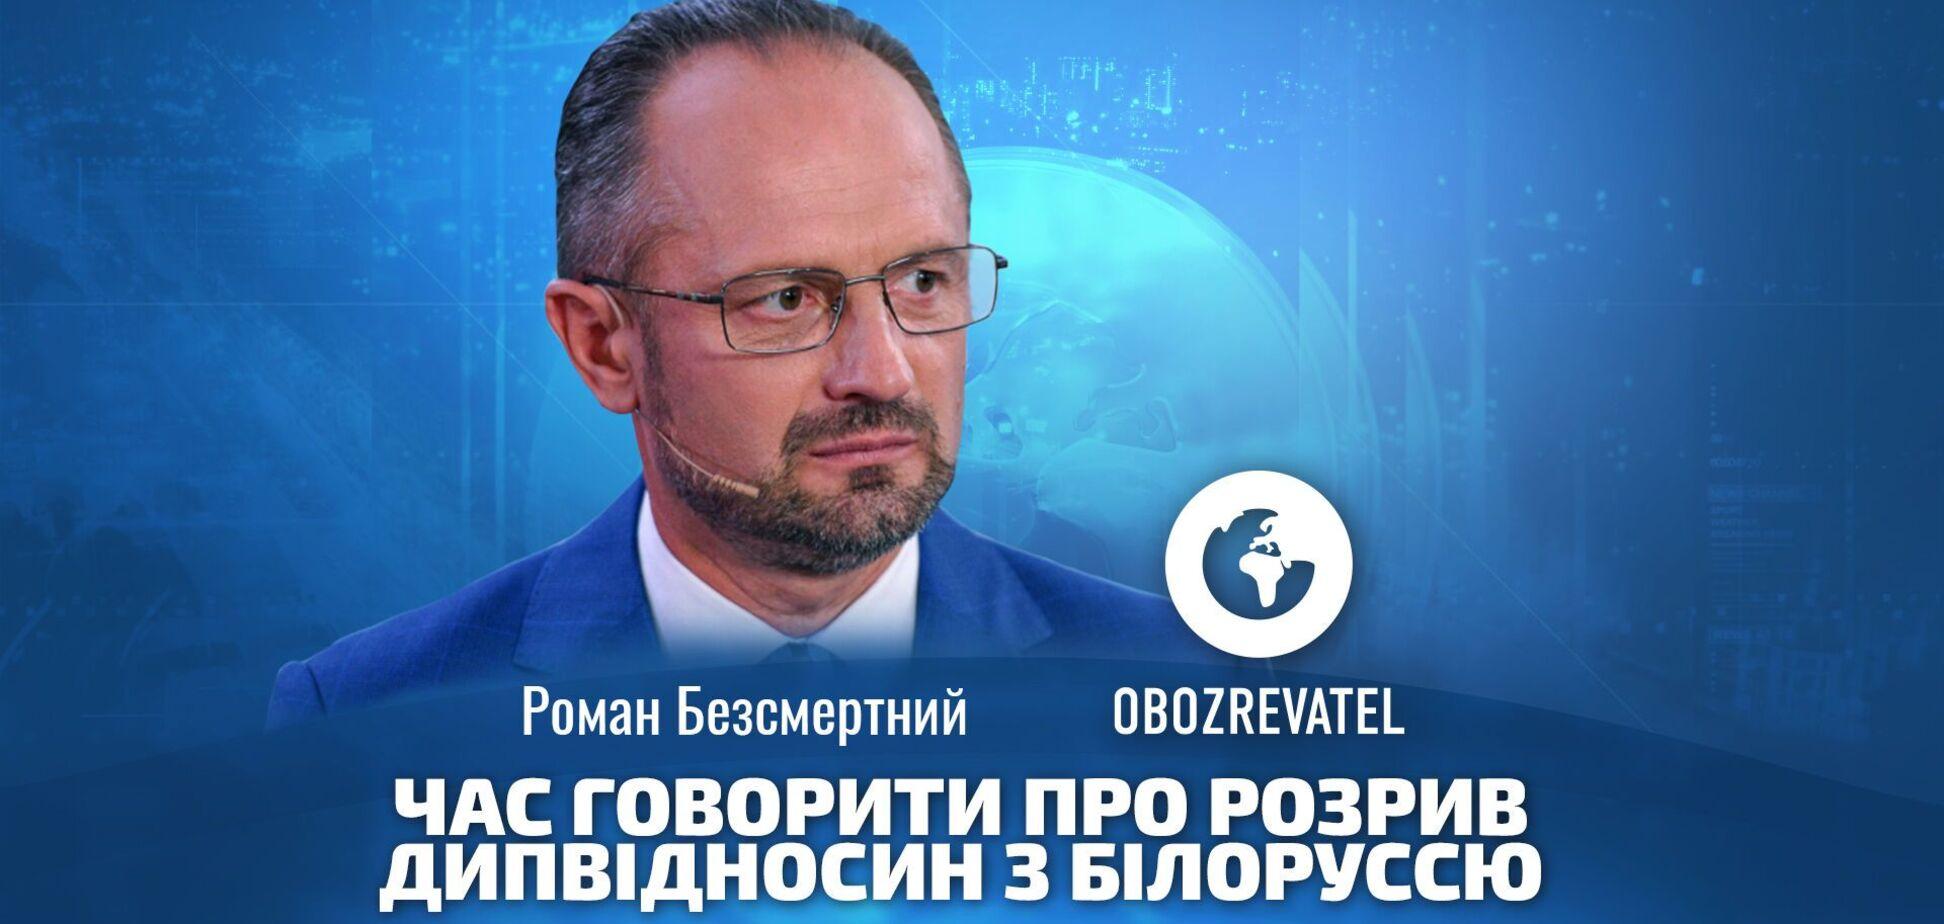 З Білоруссю час припиняти дипвідносини, – Безсмертний